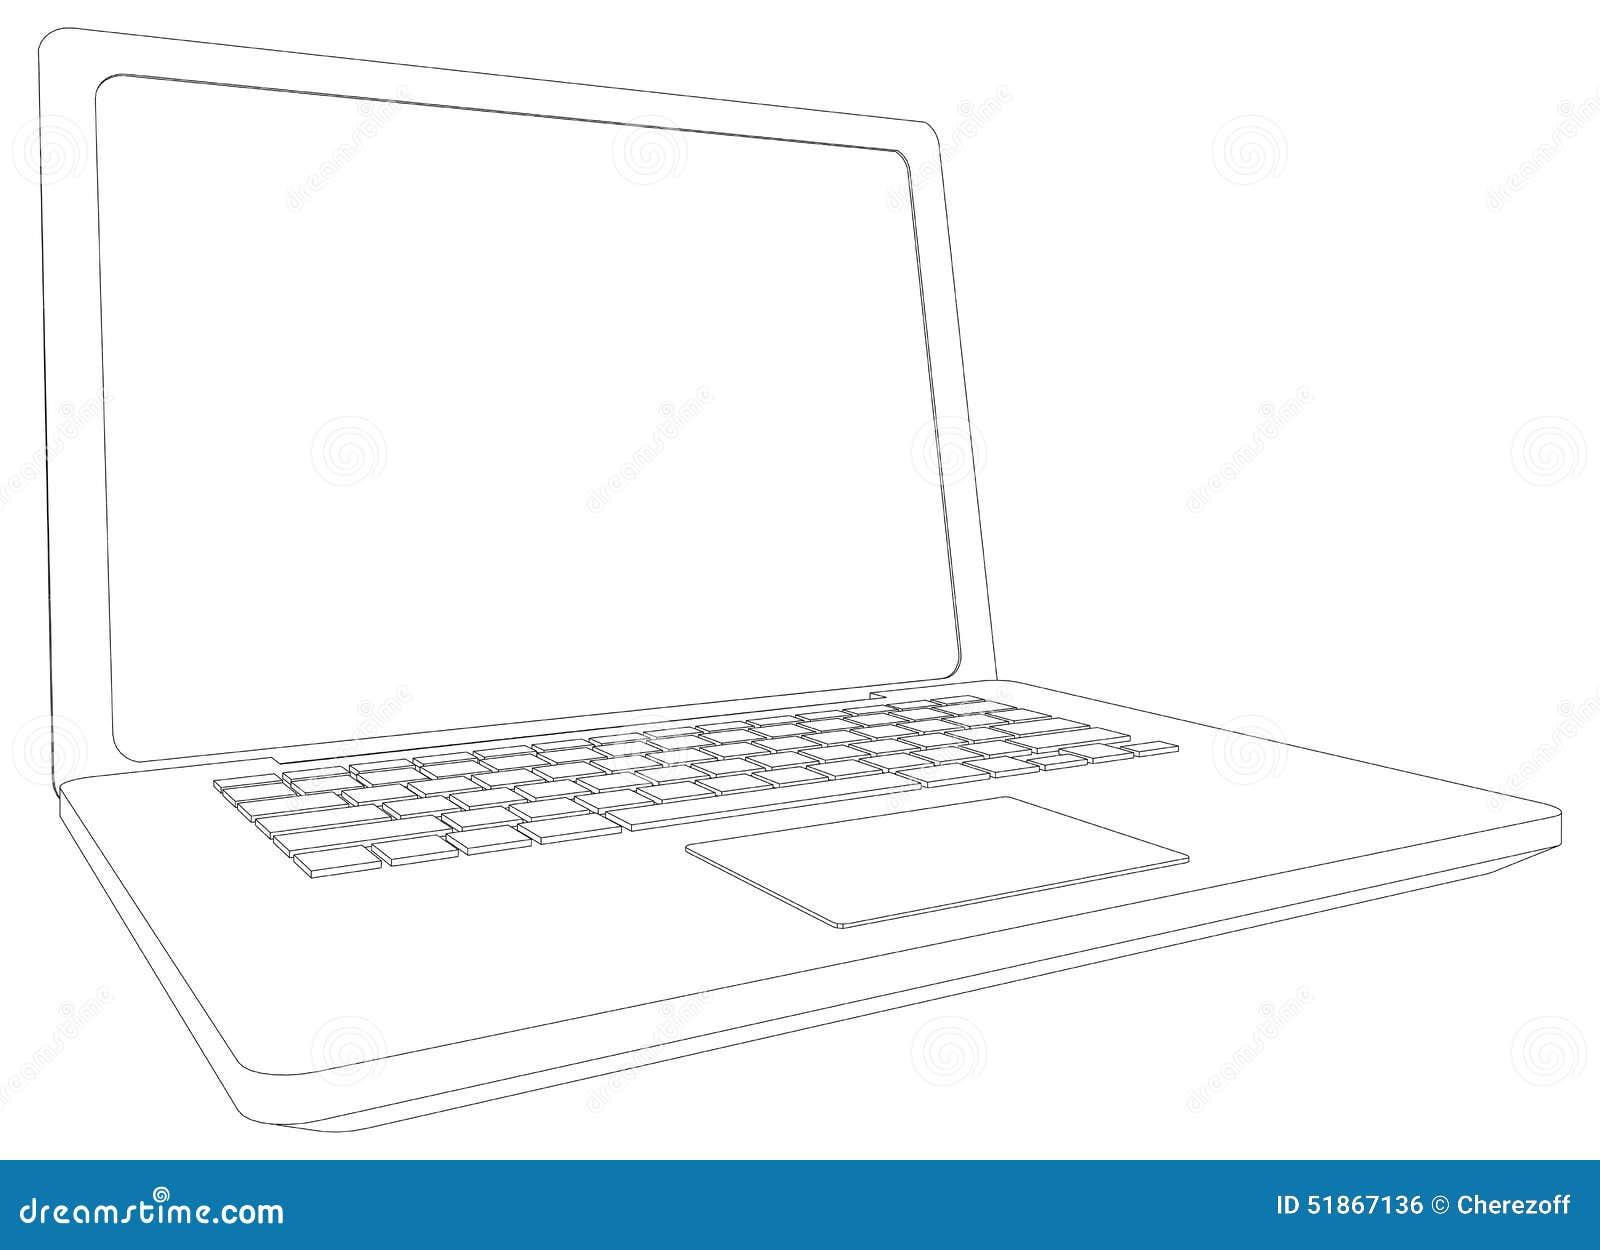 Wunderbar Laptops Aus Draht Zeitgenössisch - Der Schaltplan ...